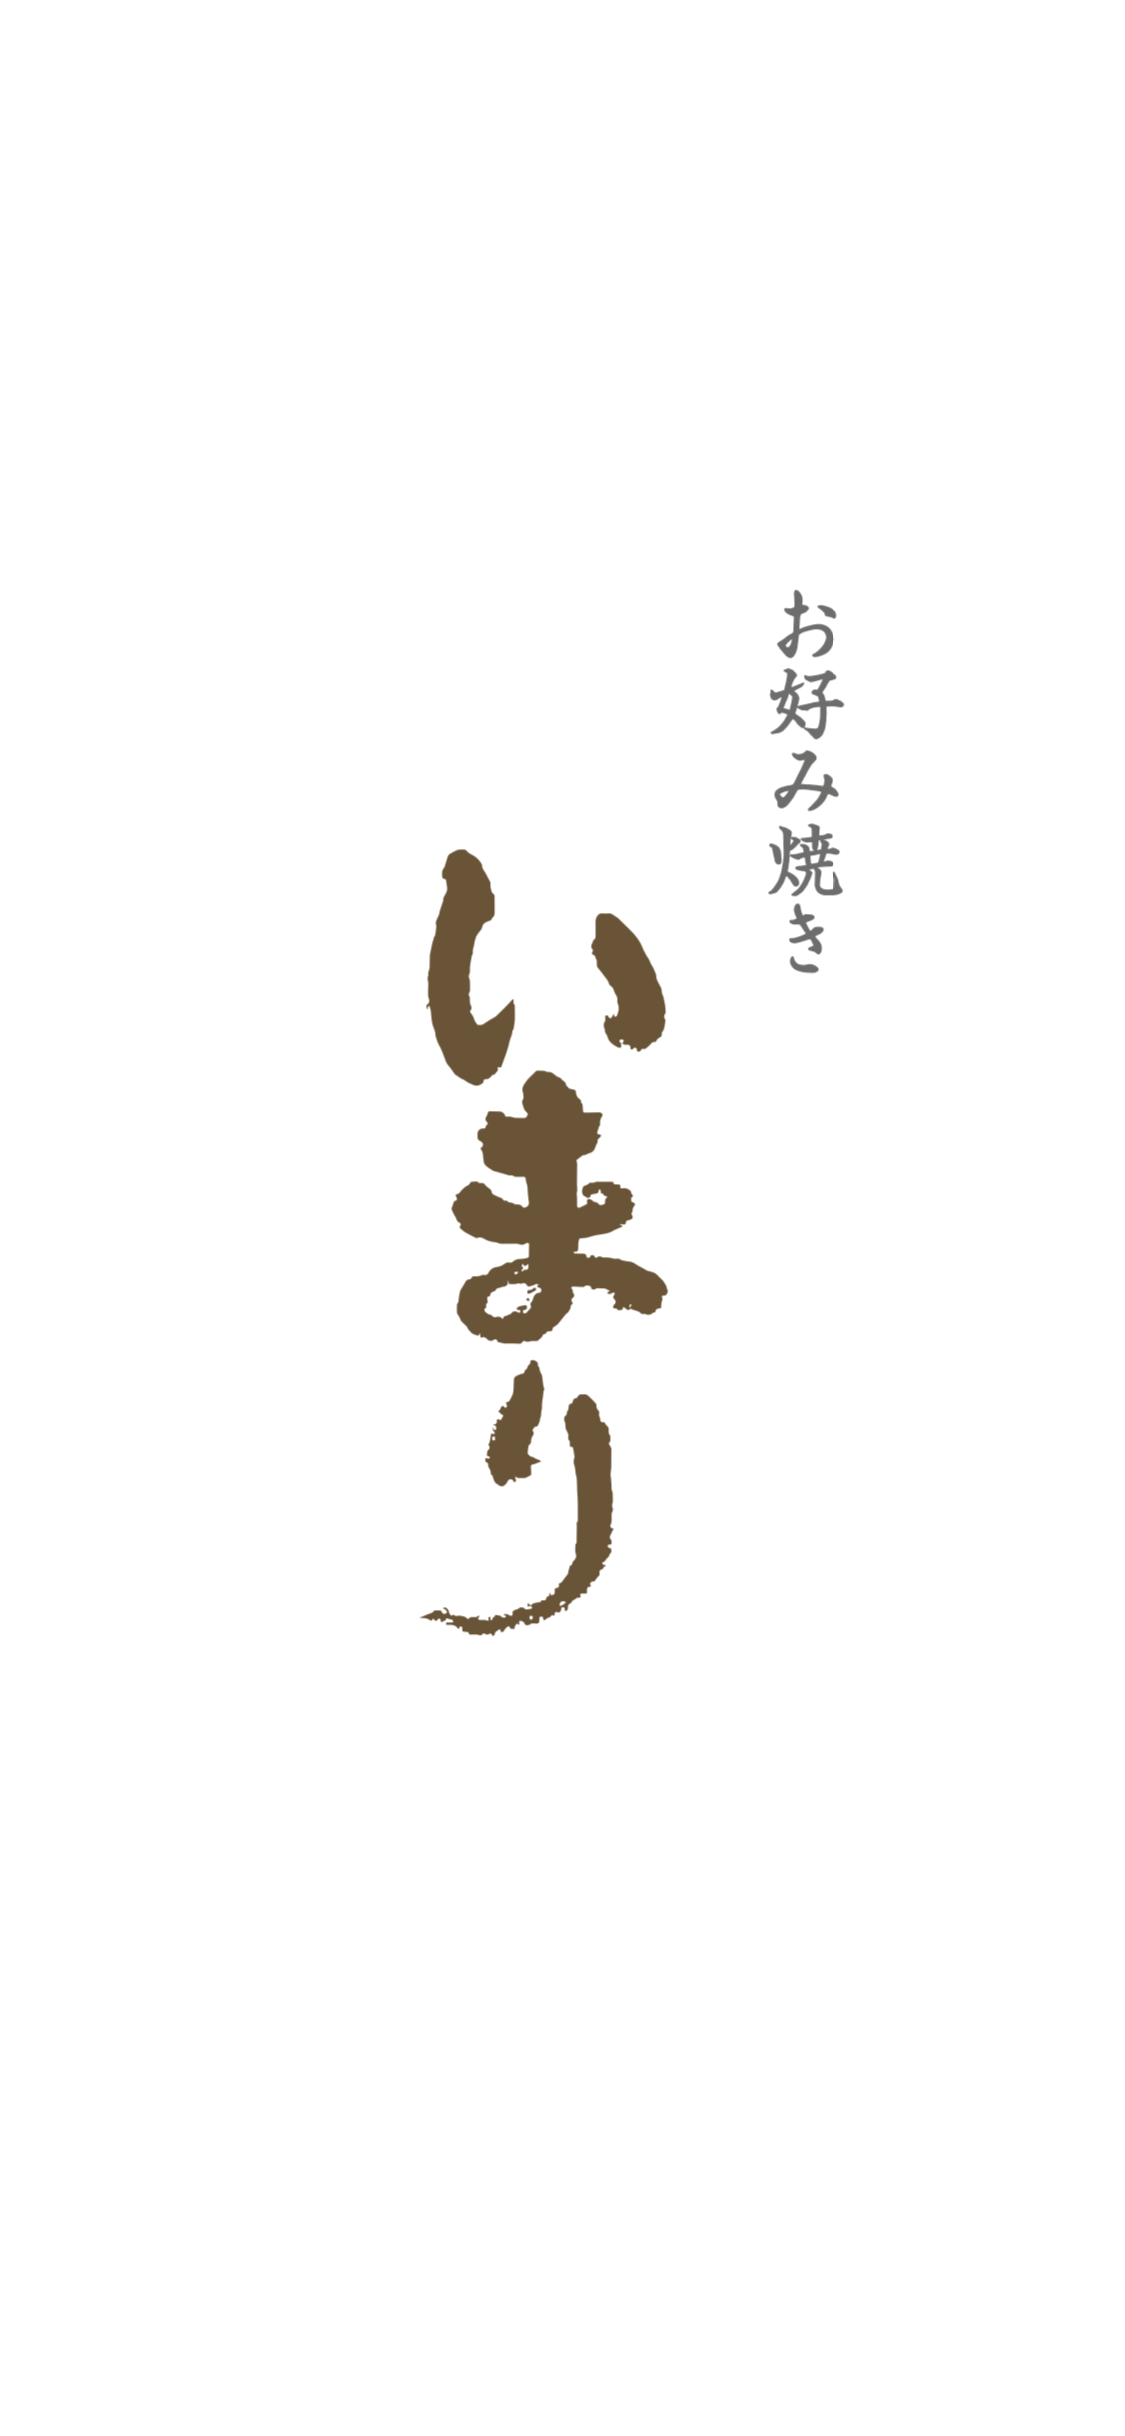 B7A41A94-6466-43F3-8EB0-4E88A576D5A0 - Ryo Obayashi.png